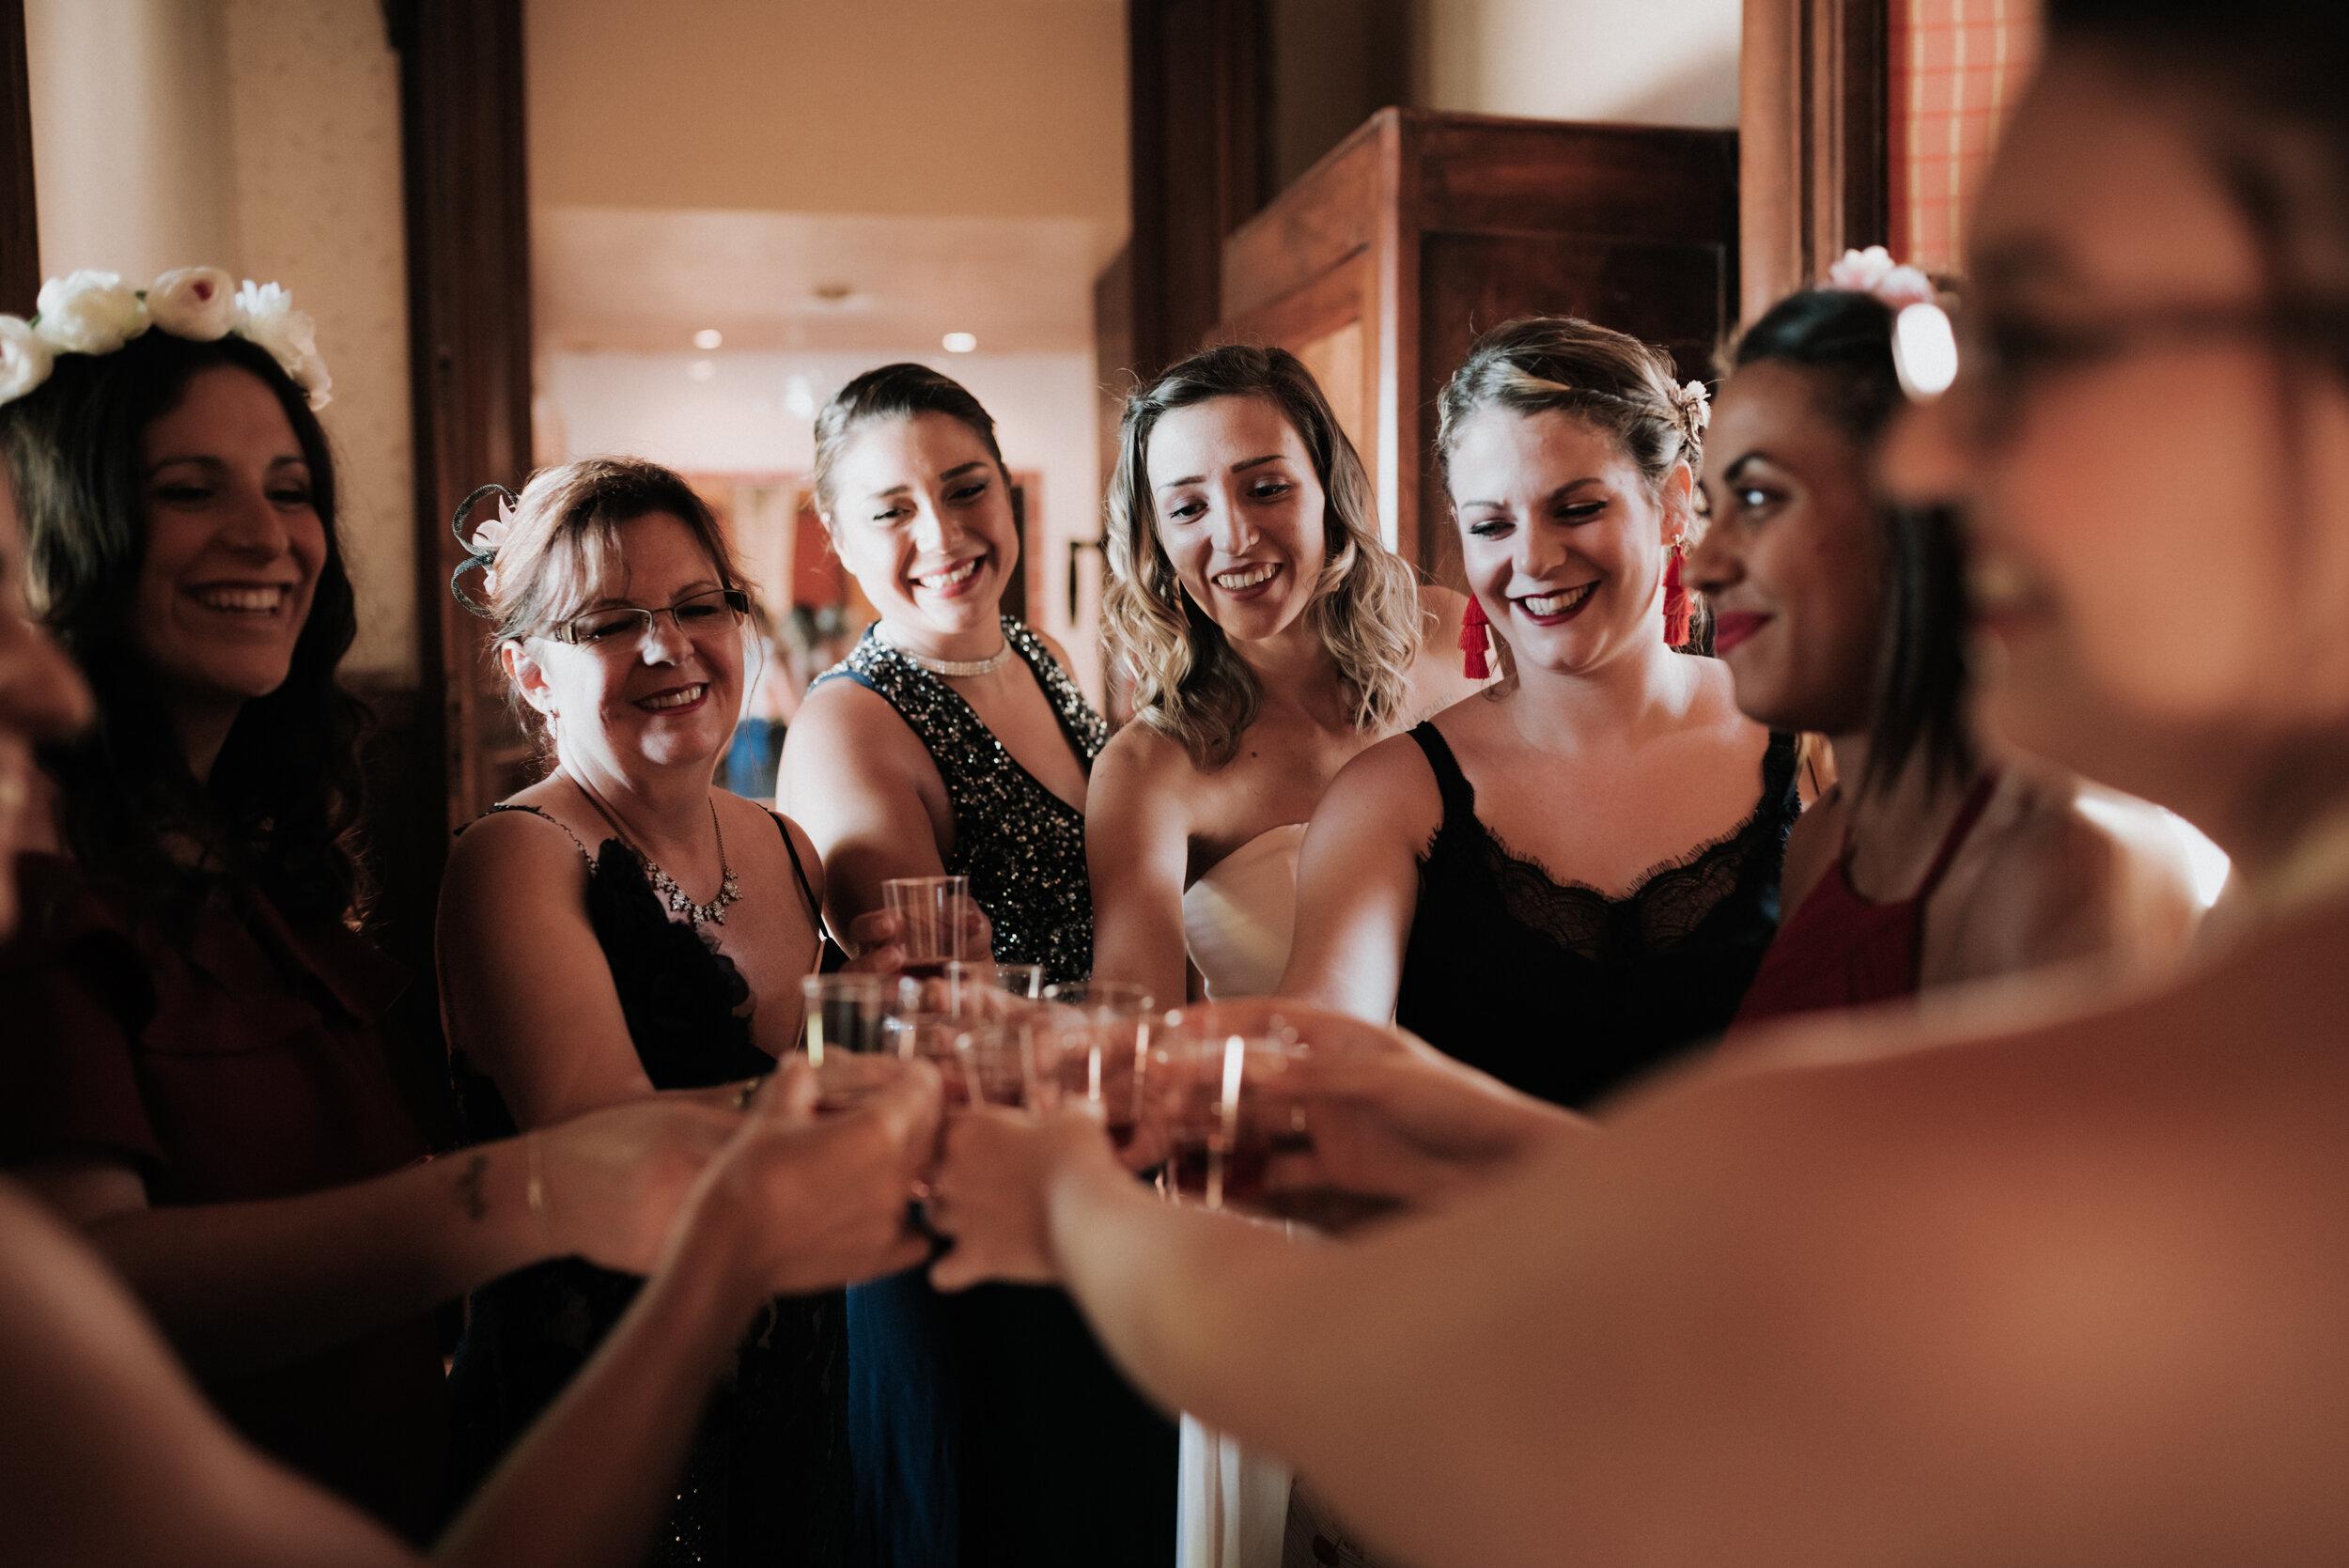 Léa-Fery-photographe-professionnel-Bretagne-portrait-creation-mariage-evenement-evenementiel-famille-0996.jpg